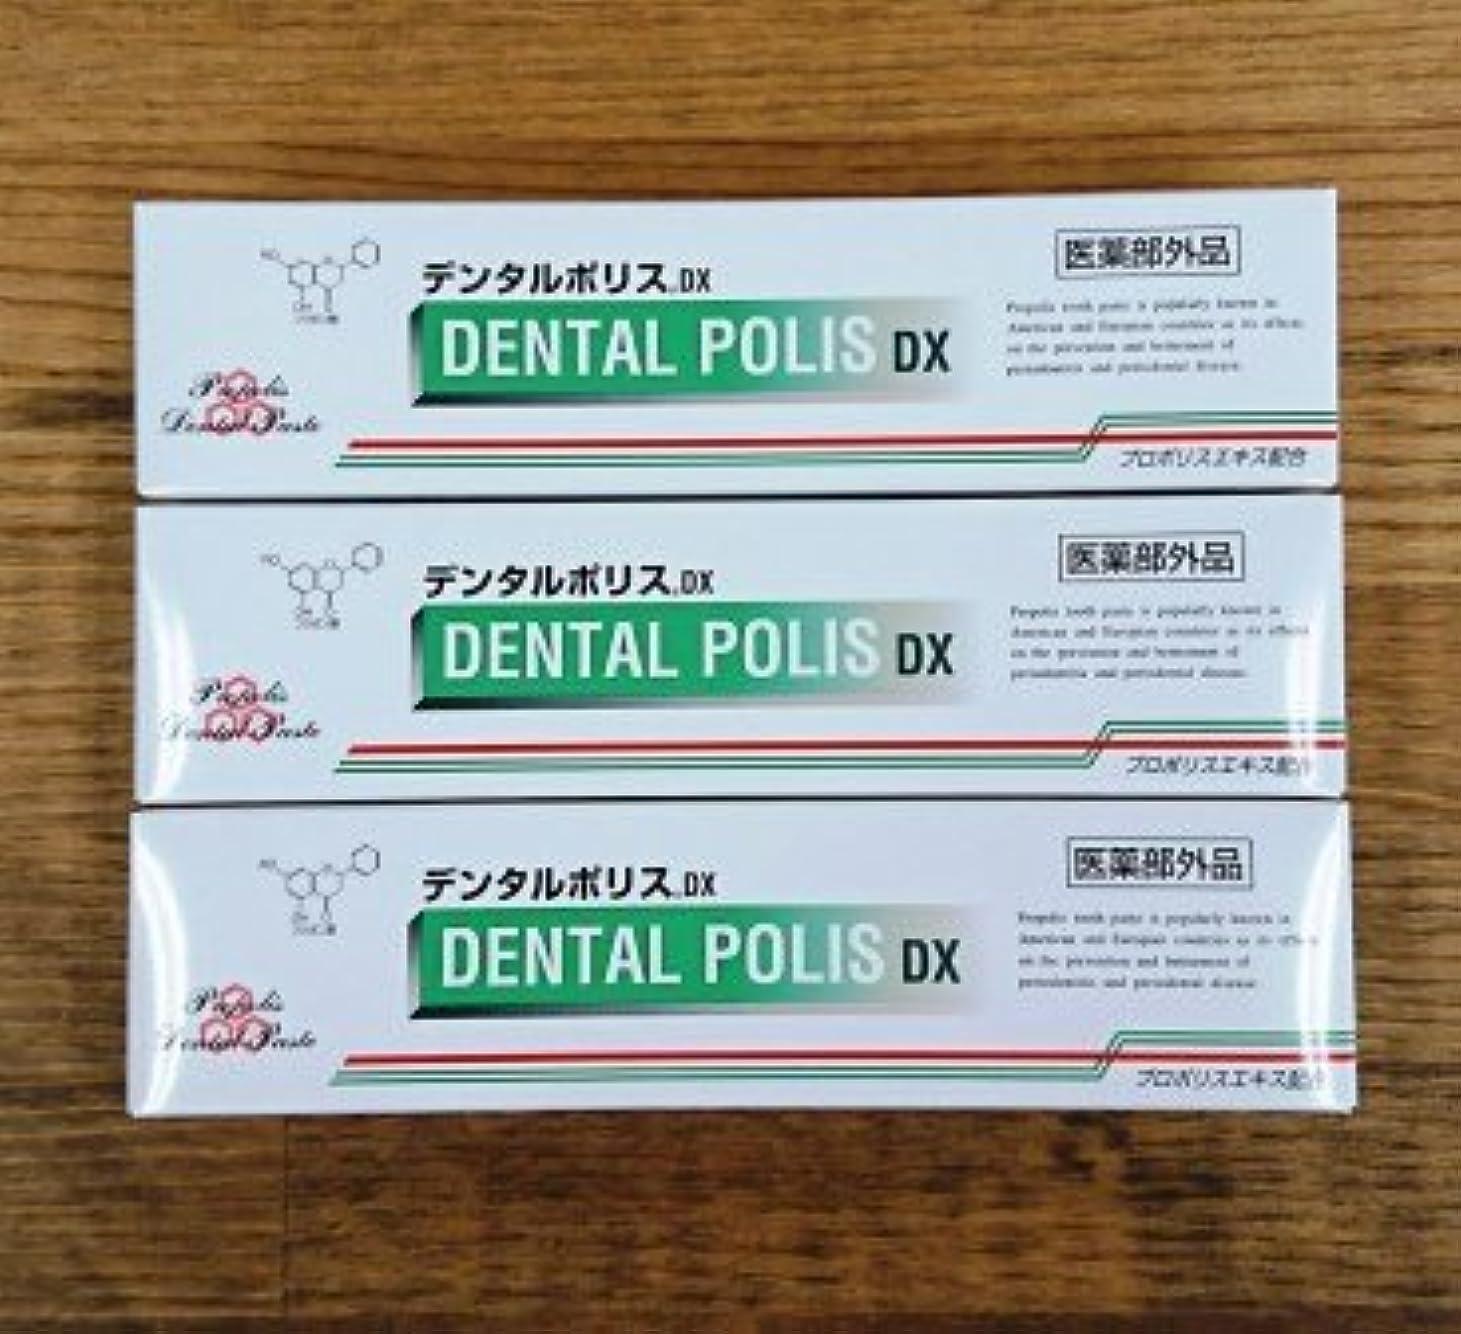 ポータル民族主義クスクスデンタルポリスDX80g×3本セット 医薬部外品  歯みがき